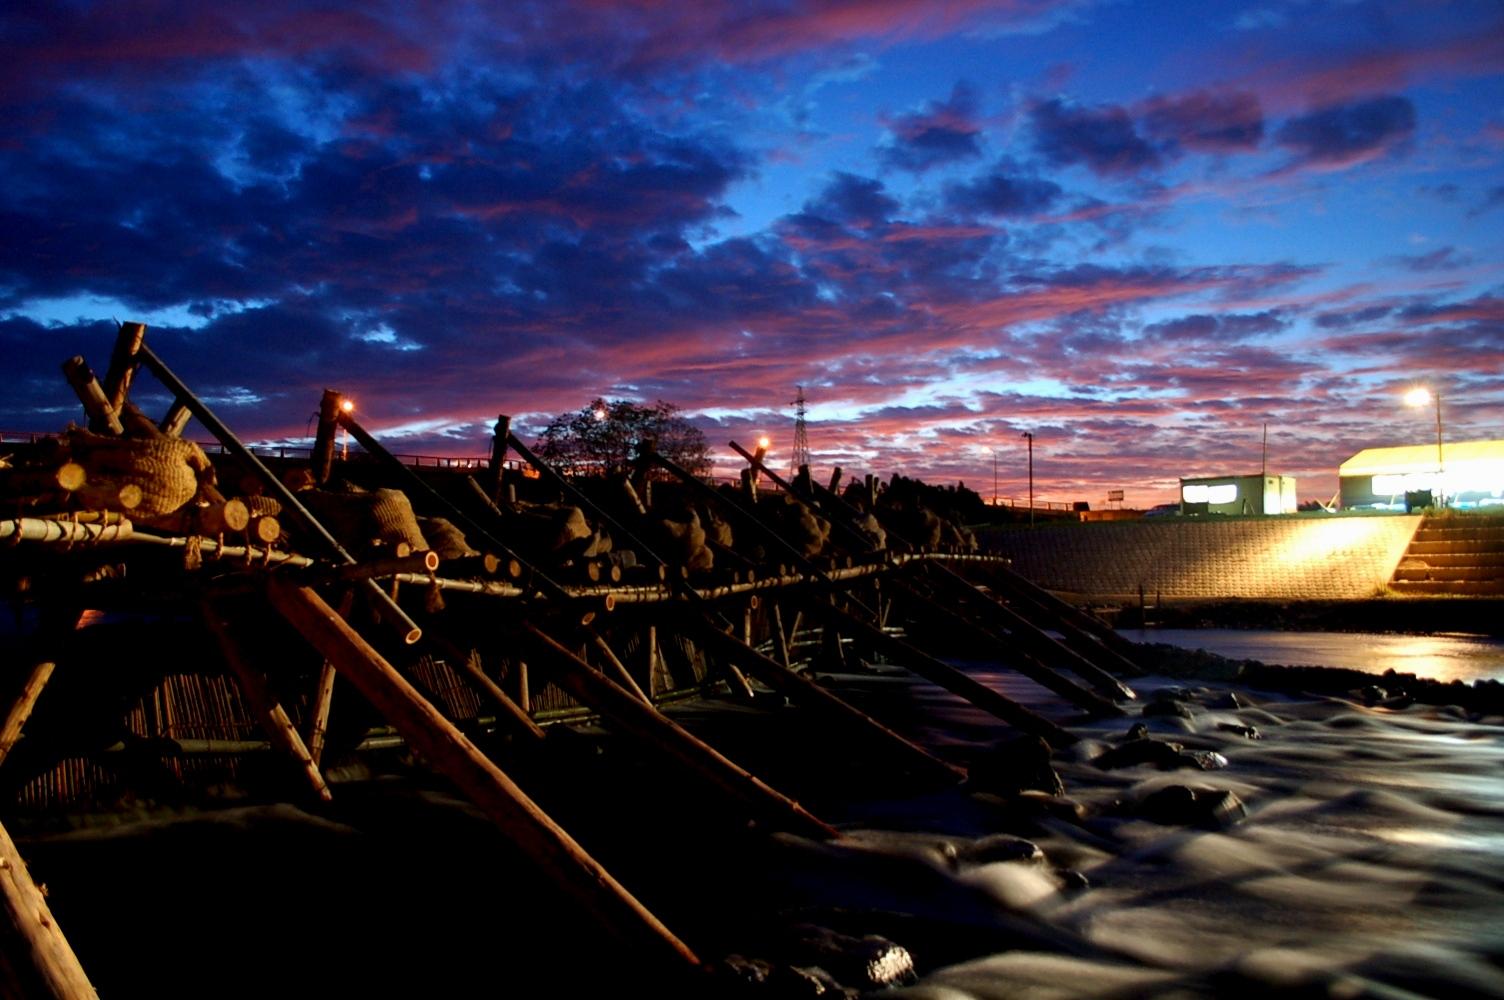 延岡 鮎やな 食べる ご飯 魚 観光 うまい 海 川